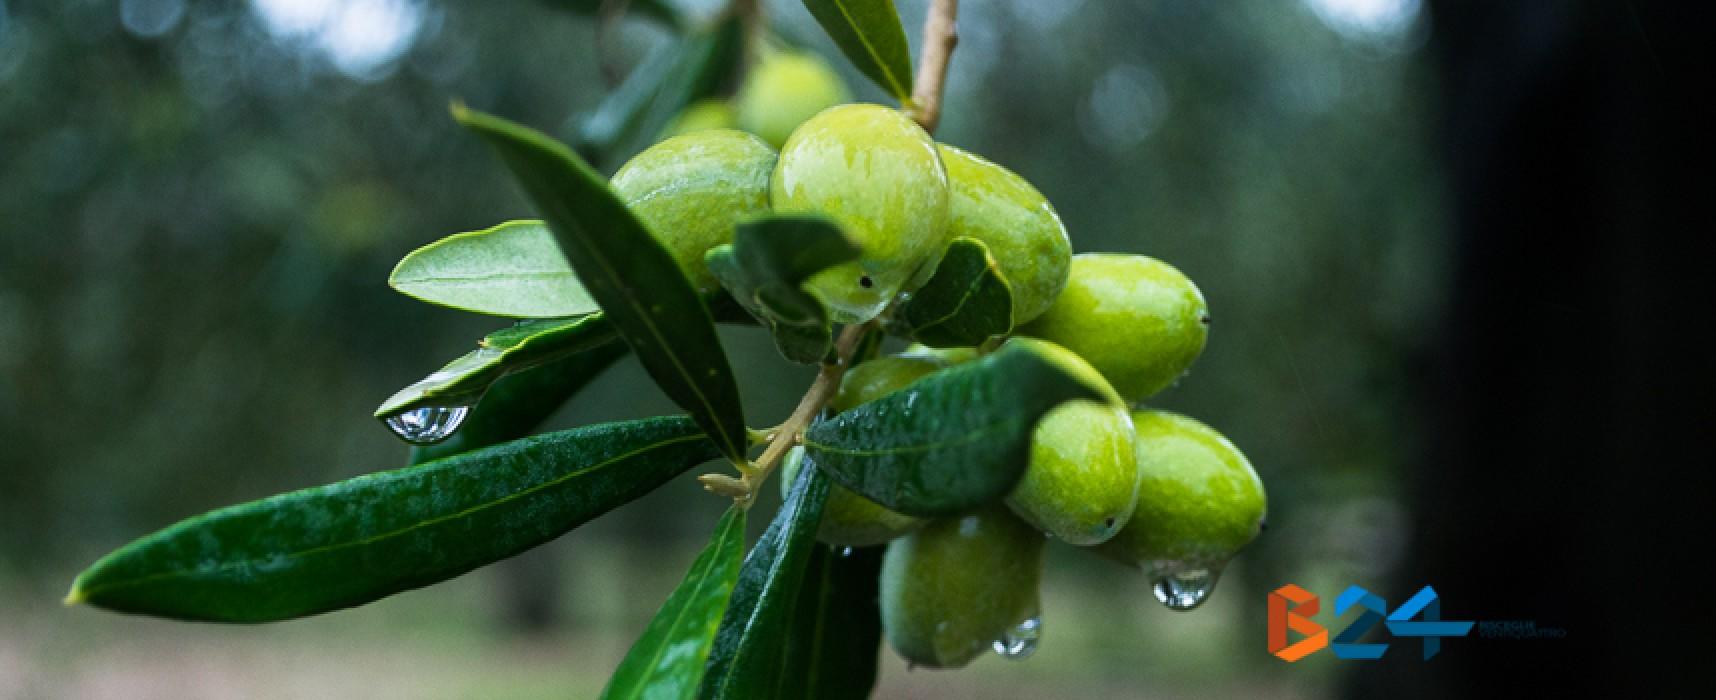 Oliva coratina a rischio, le nuove norme dell'UE penalizzerebbero l'olivicoltura locale